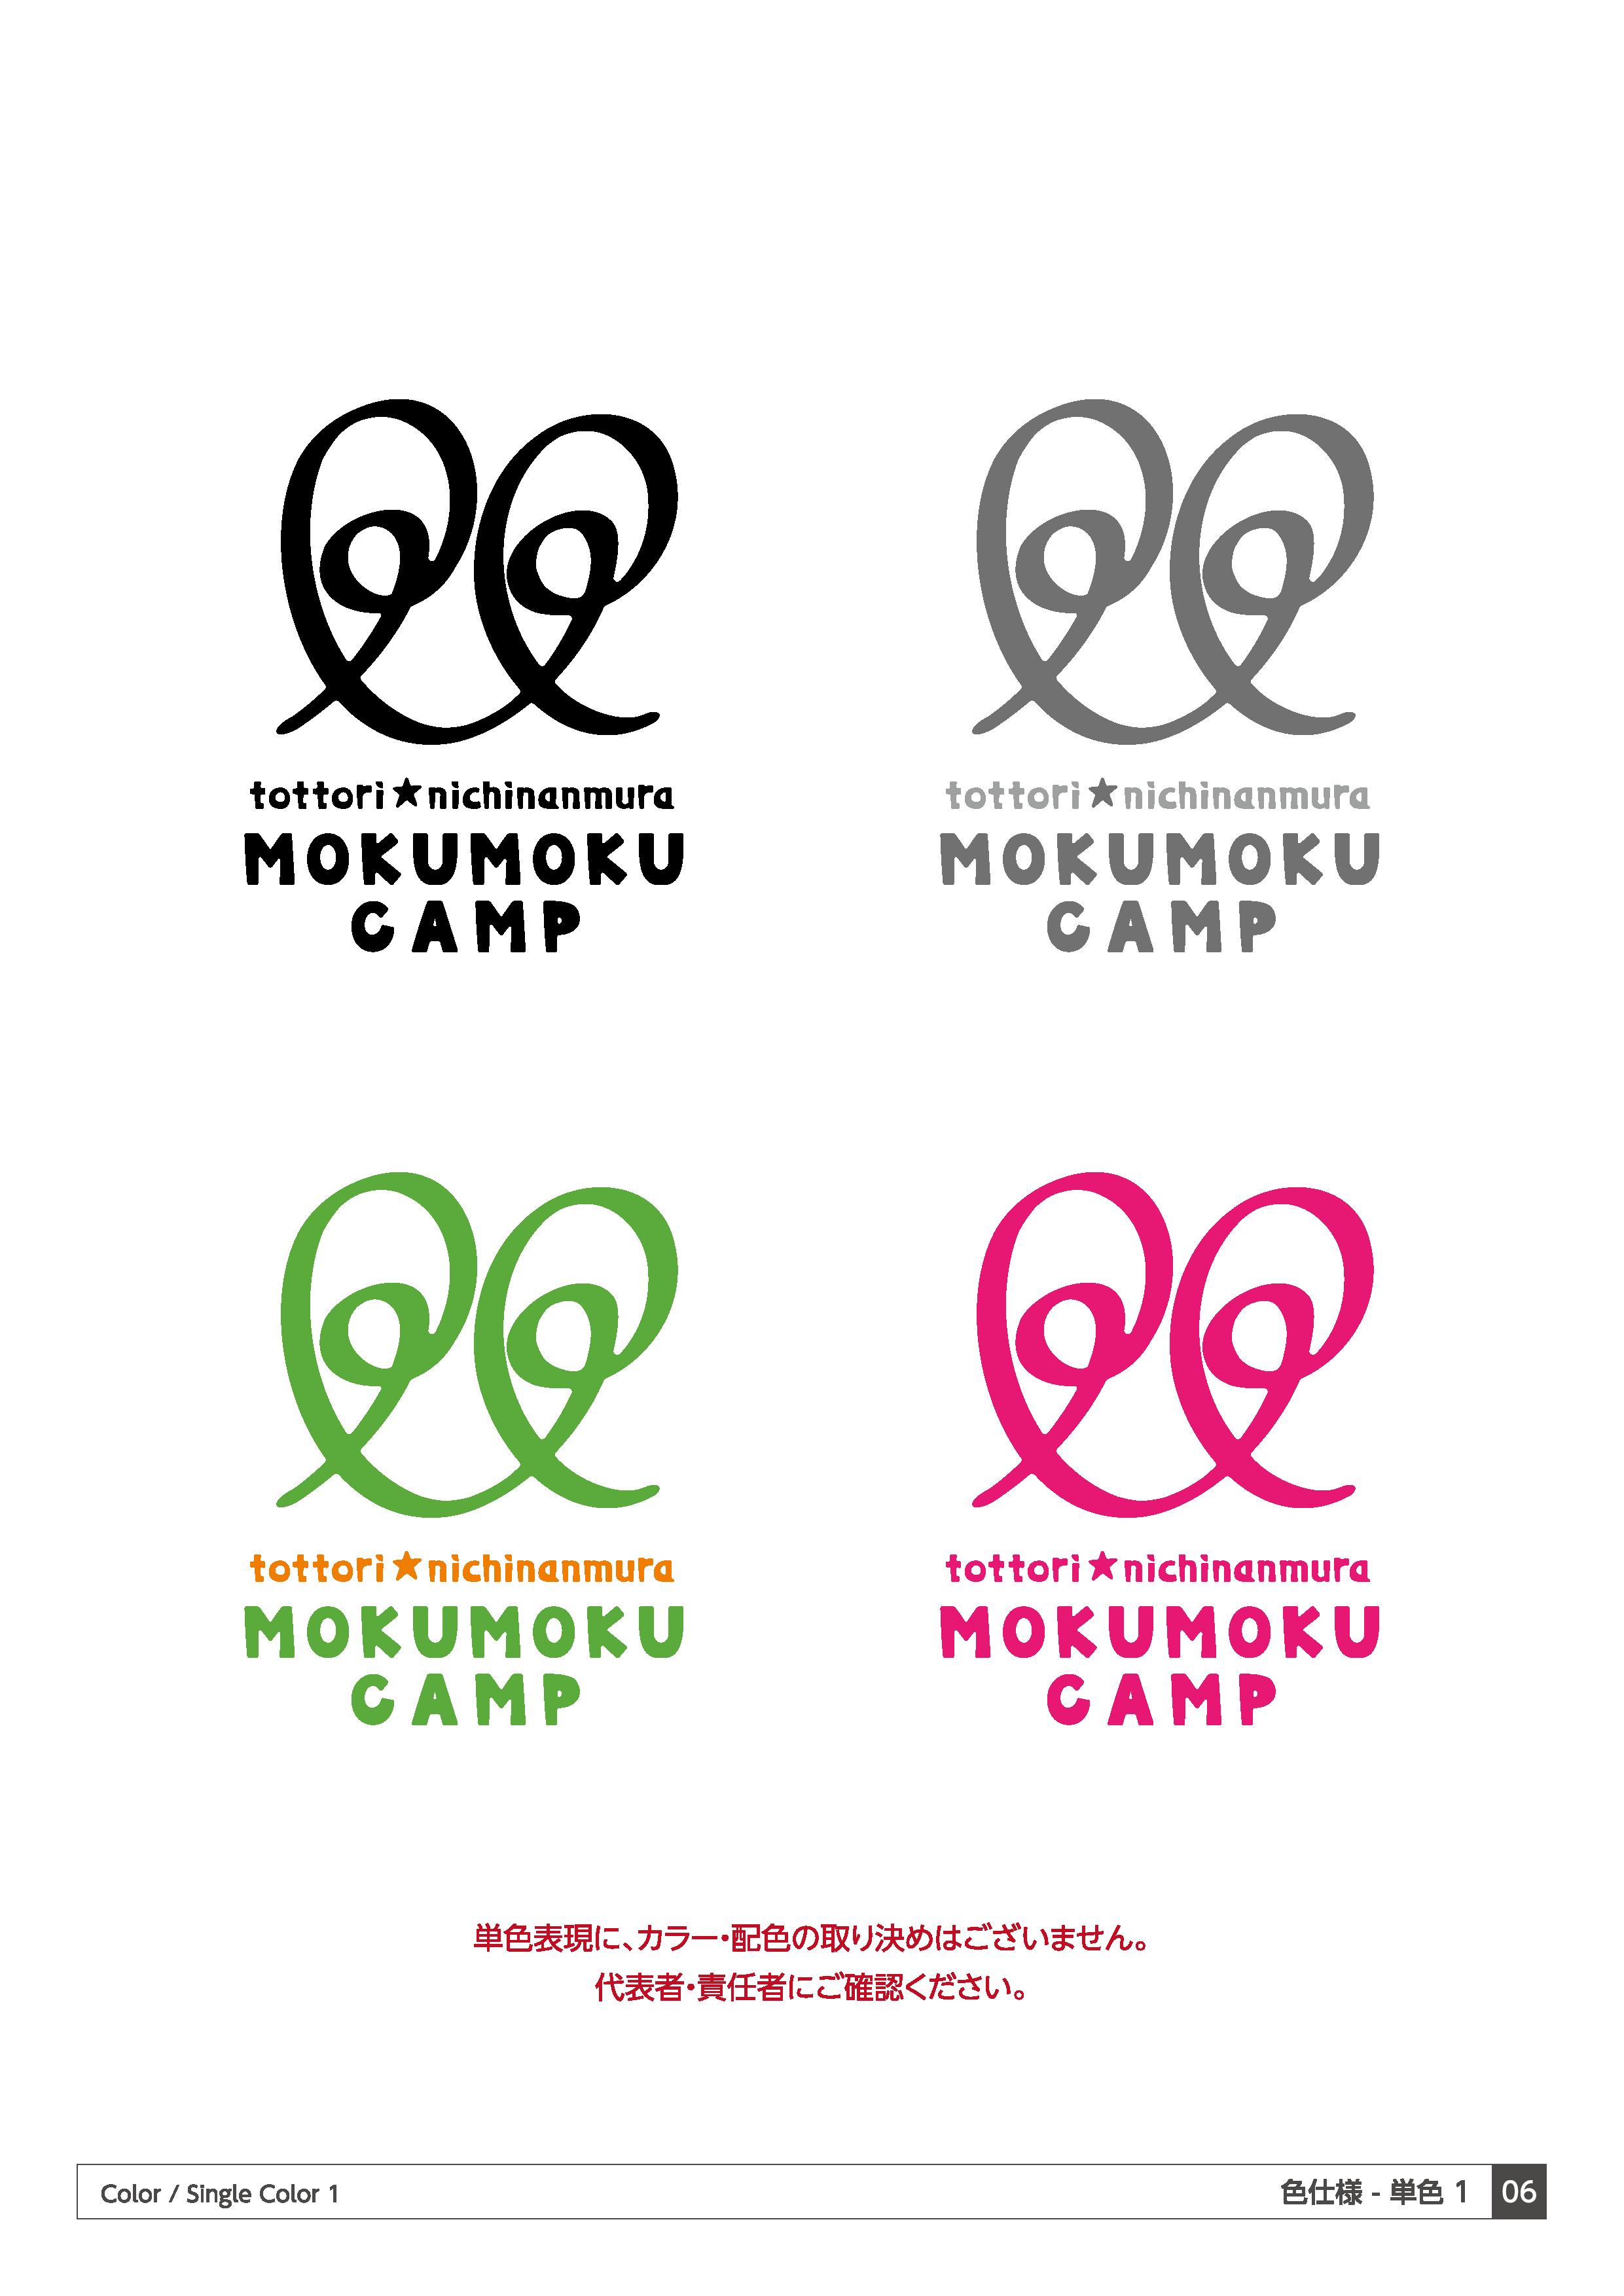 鳥取にちなんむらモクモクキャンプ-ロゴマーク07